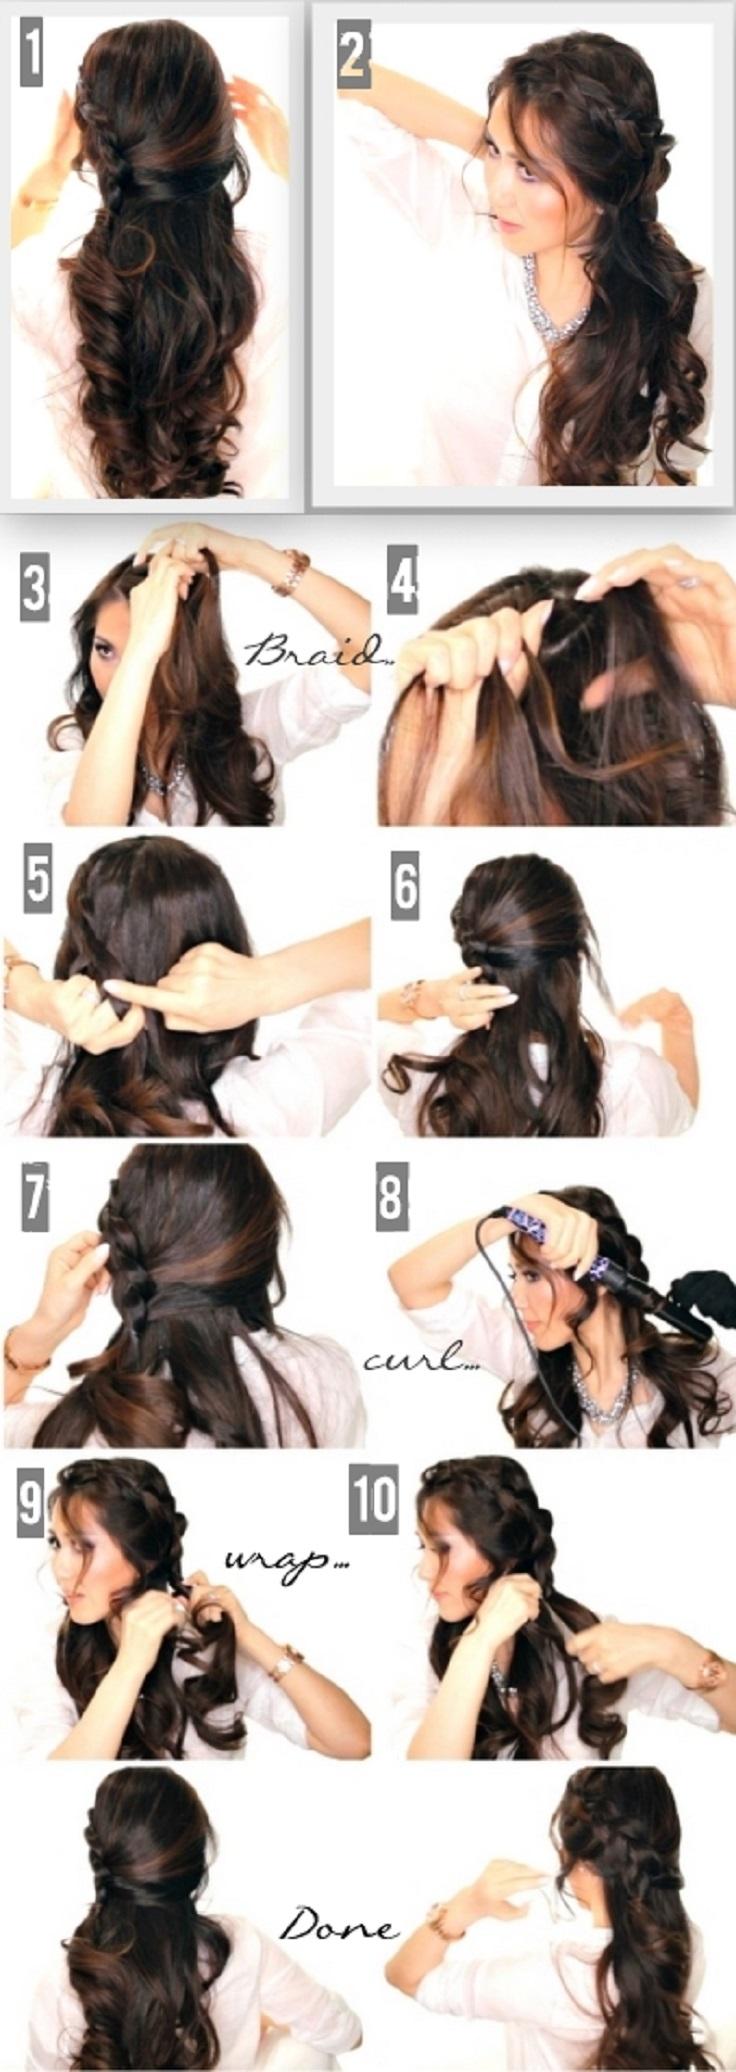 Простая вечерняя прическа на длинные волосы пошагово фото